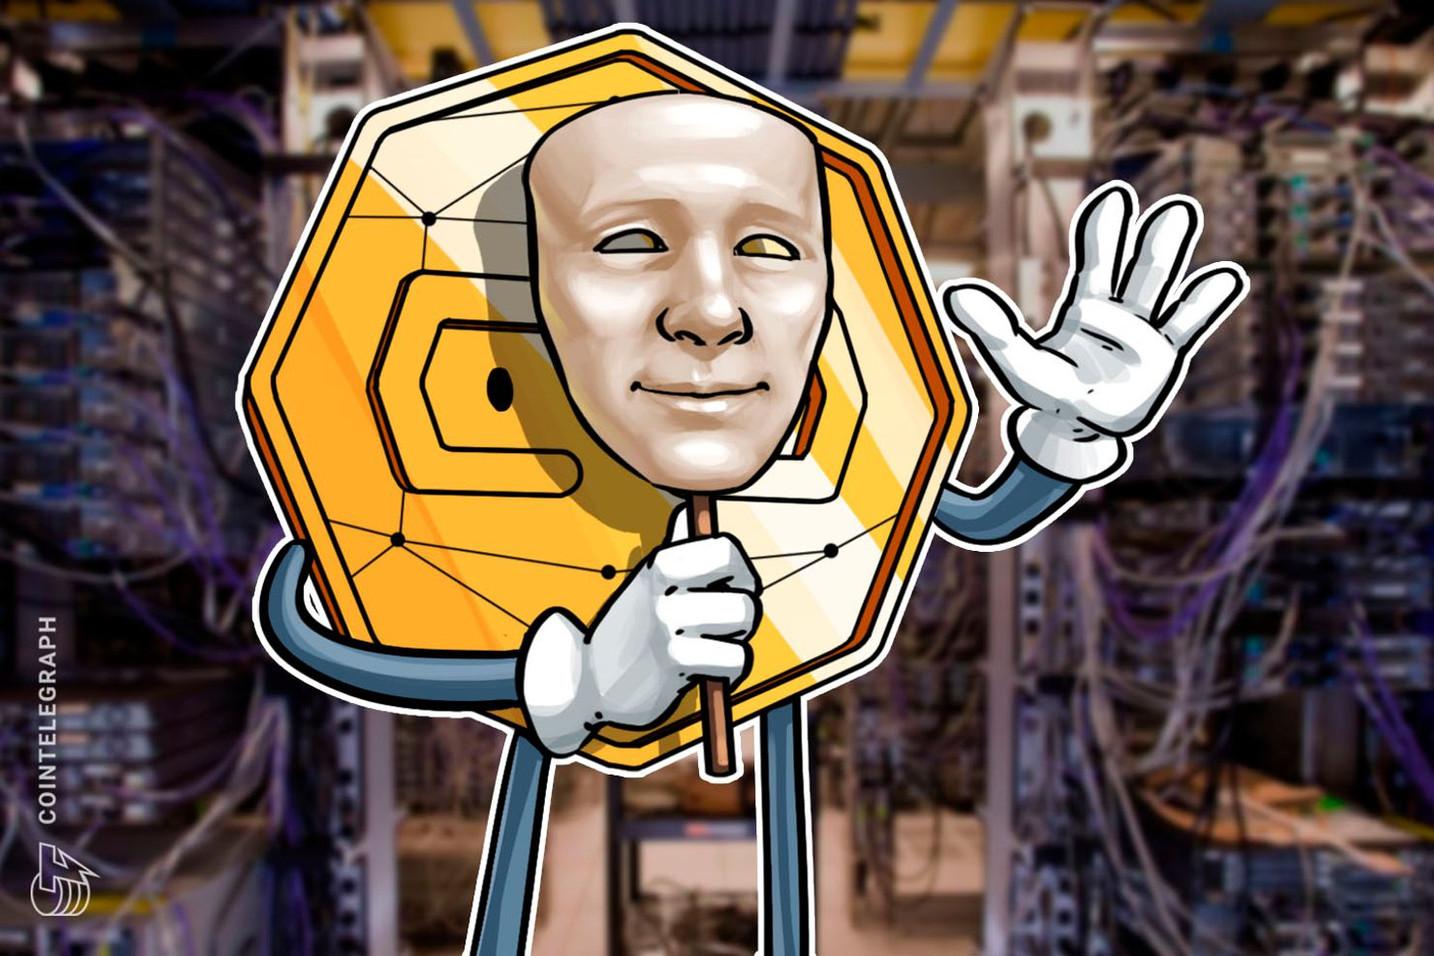 匿名取引に貢献して仮想通貨ビットコインを獲得 インコグニートが新ノードを発表